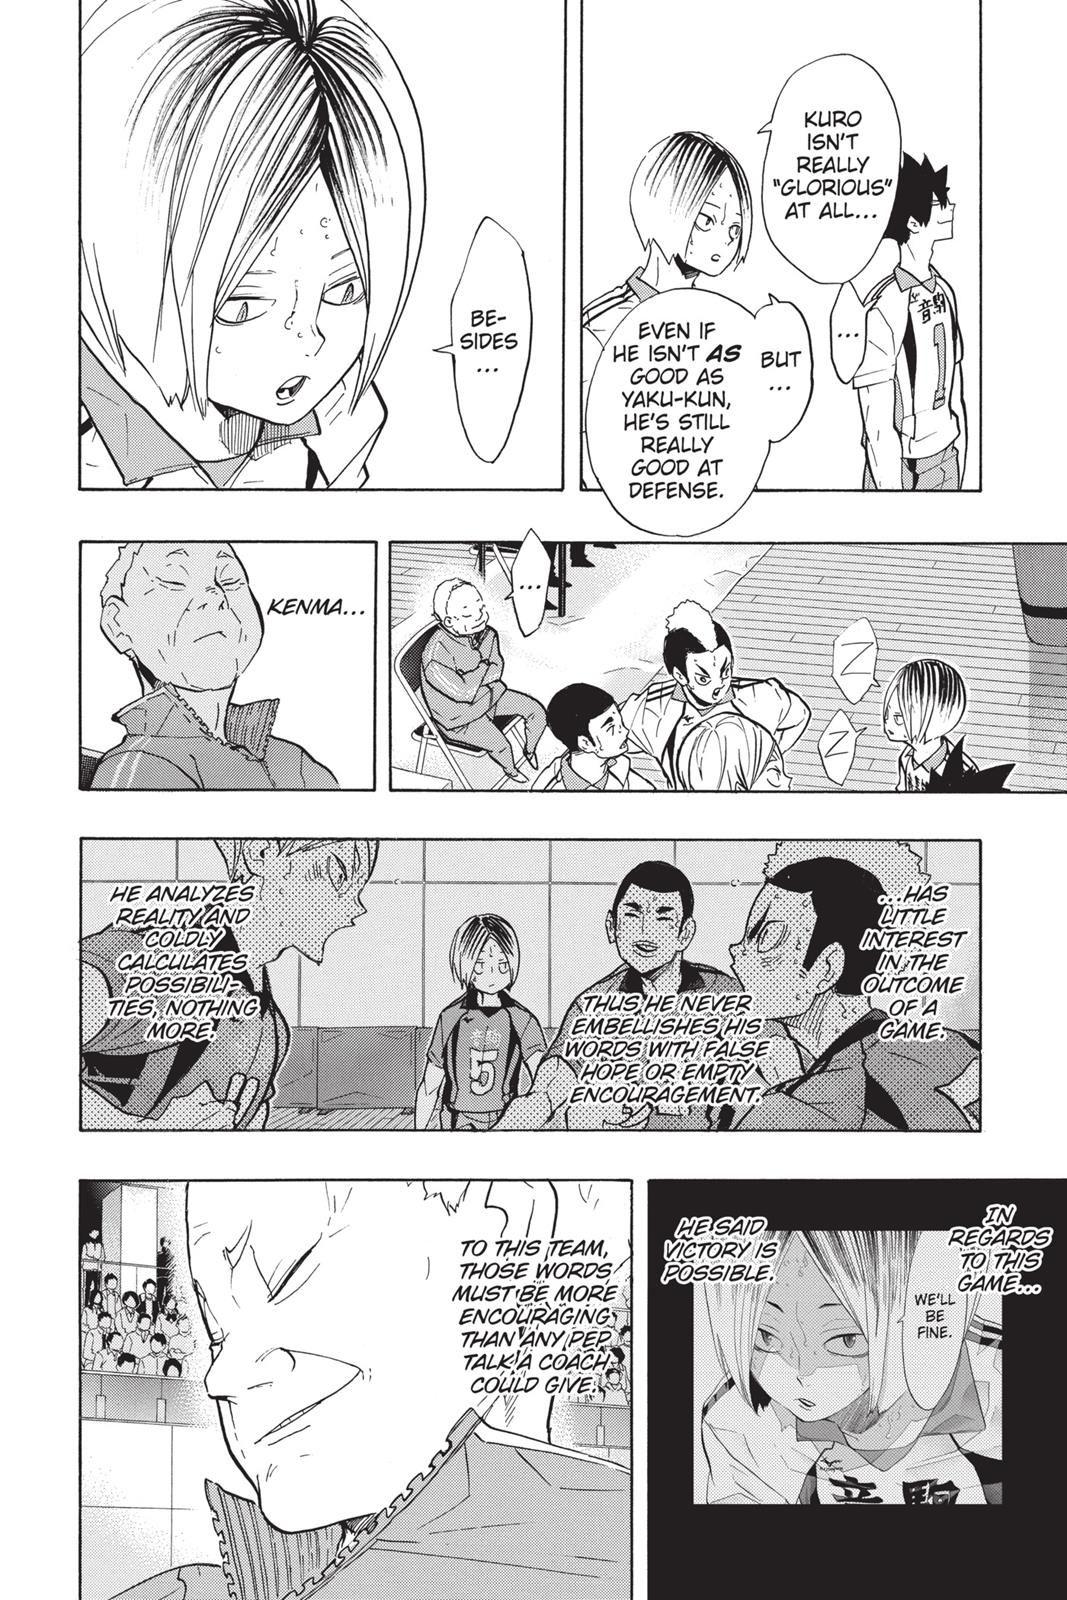 Haikyuu chapter 200 read haikyuu manga online